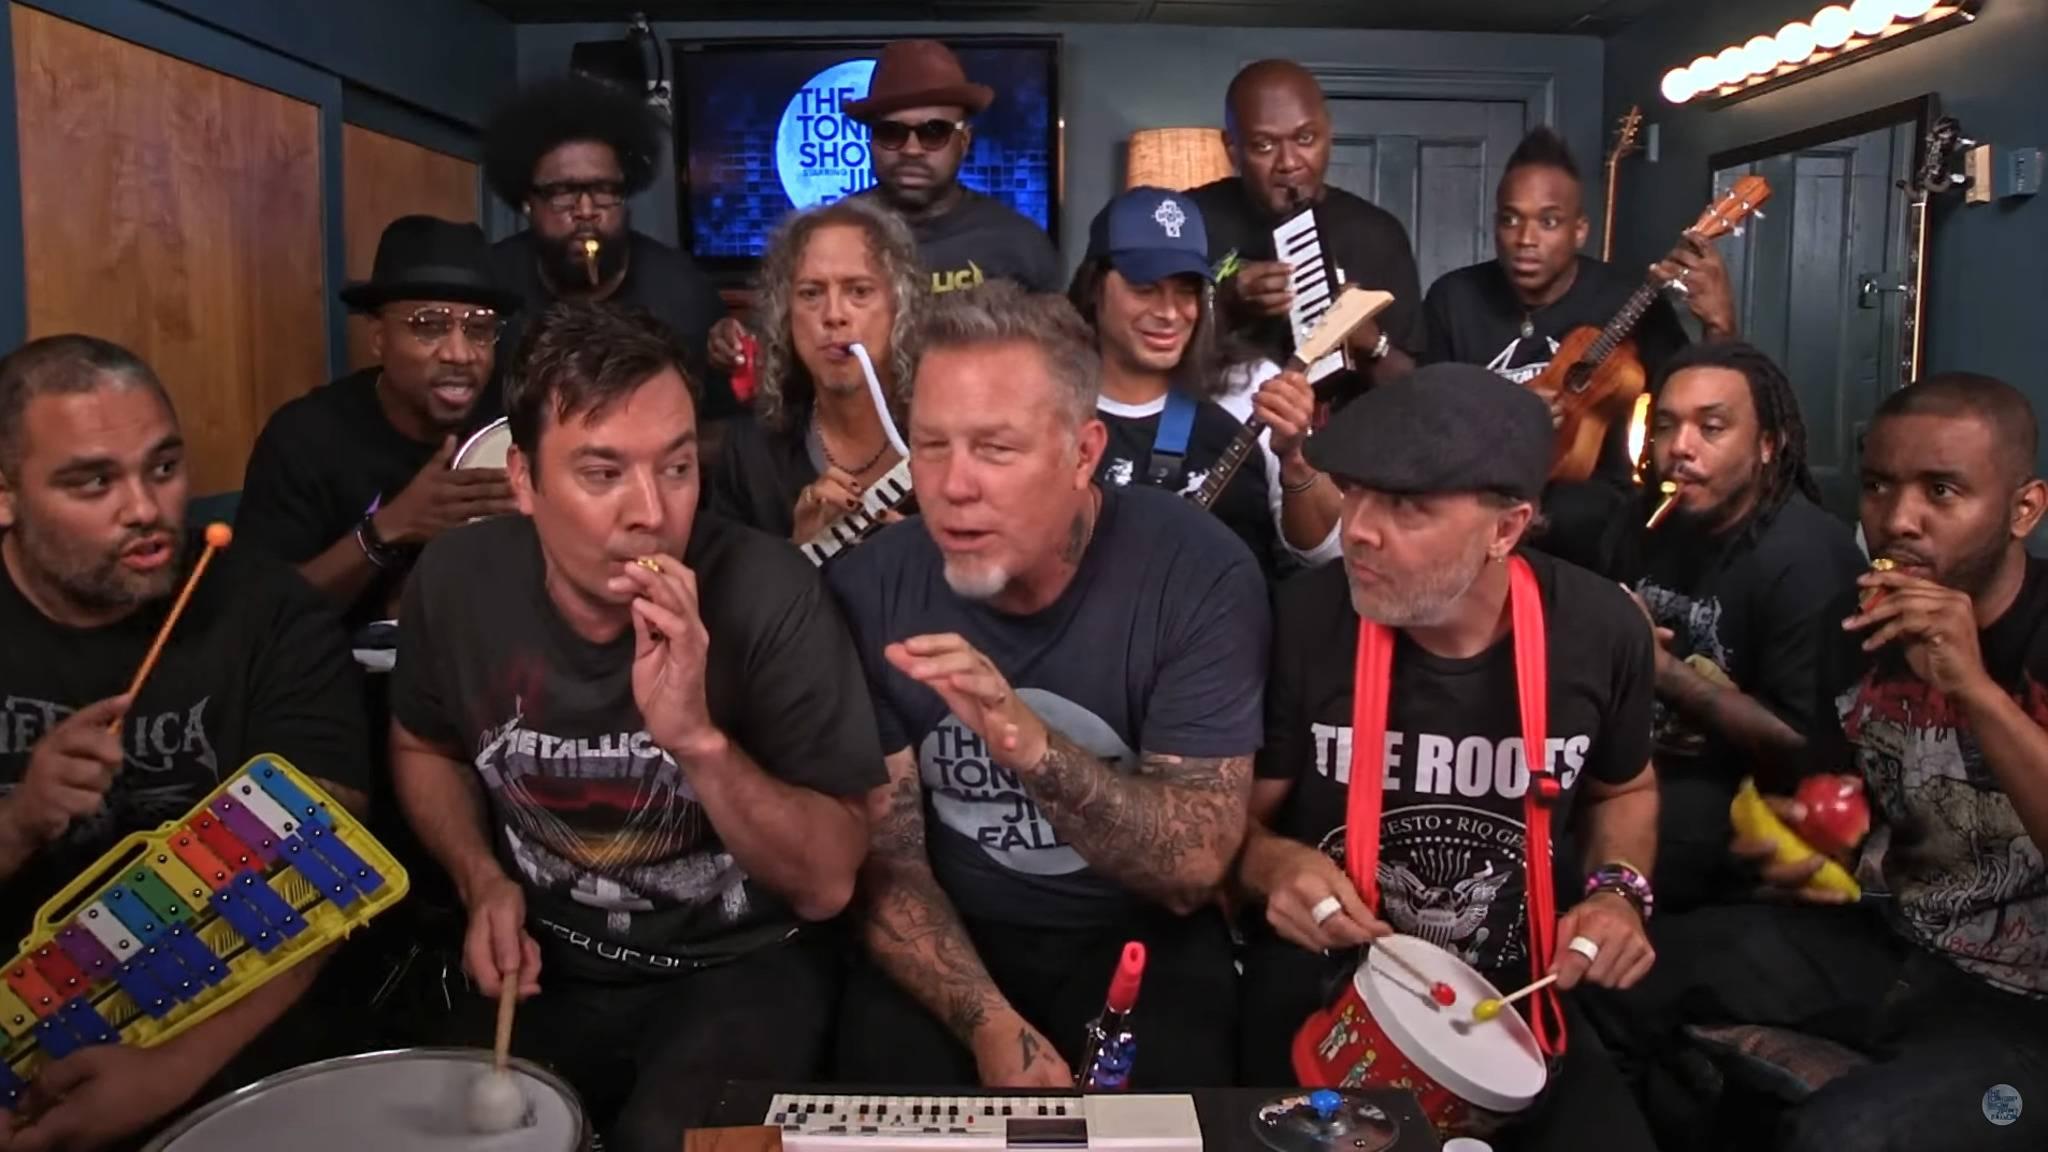 Trotz (oder gerade wegen?) der ungewohnten Instrumente hatten Metallica Spaß bei dem Auftritt.